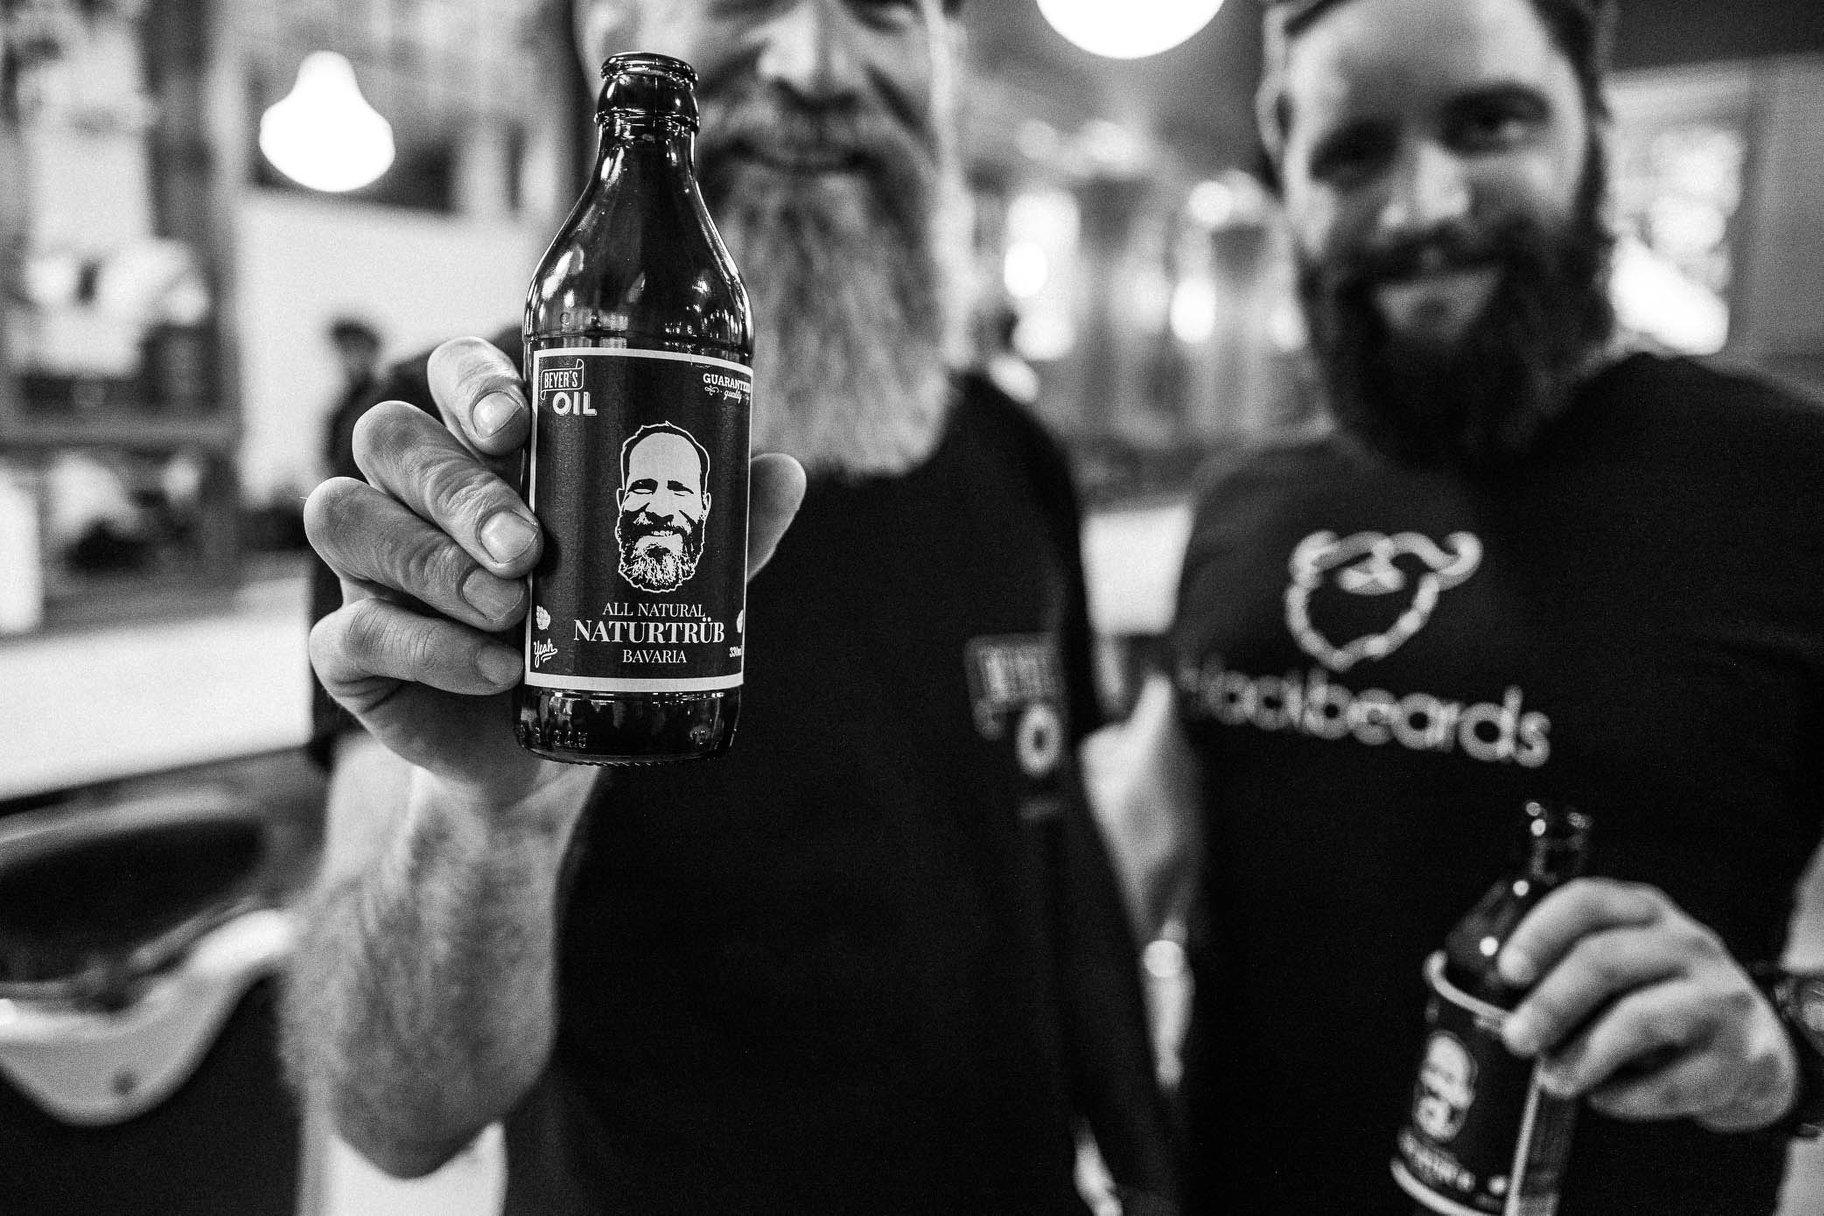 All natural – Beyer's Oil very own Mahr's Bräu beer